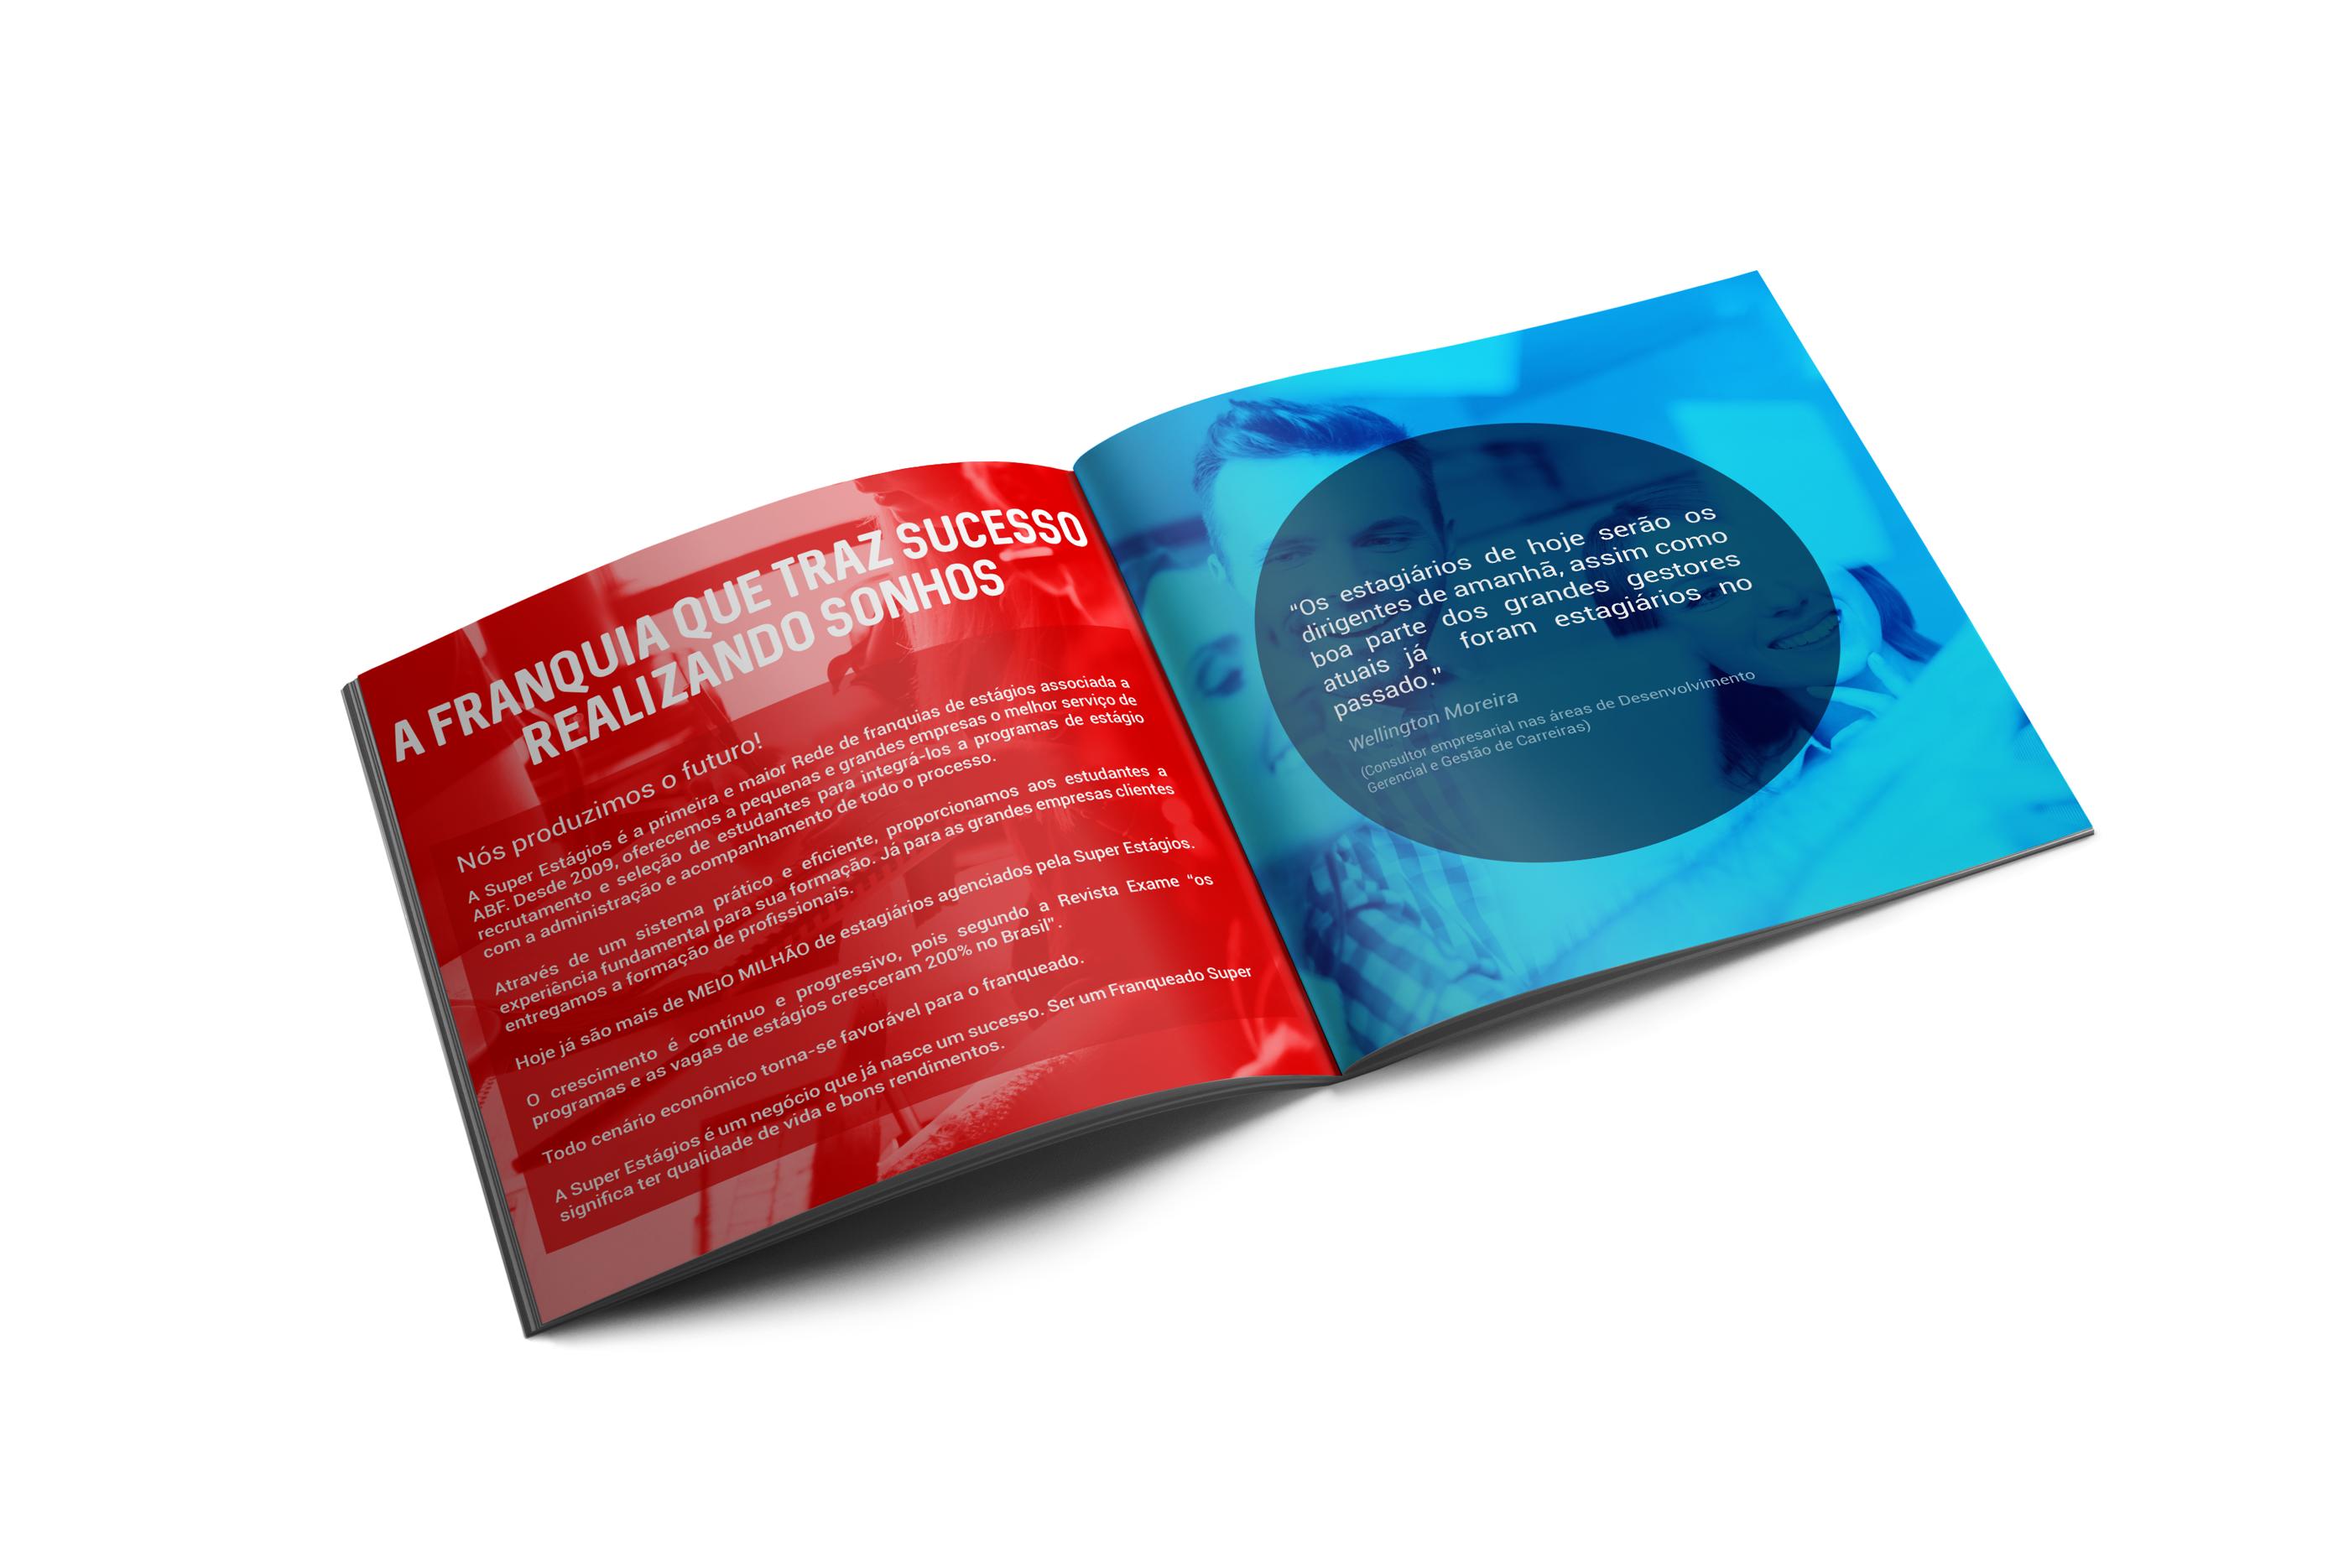 Book Folder – Franquia de sucesso